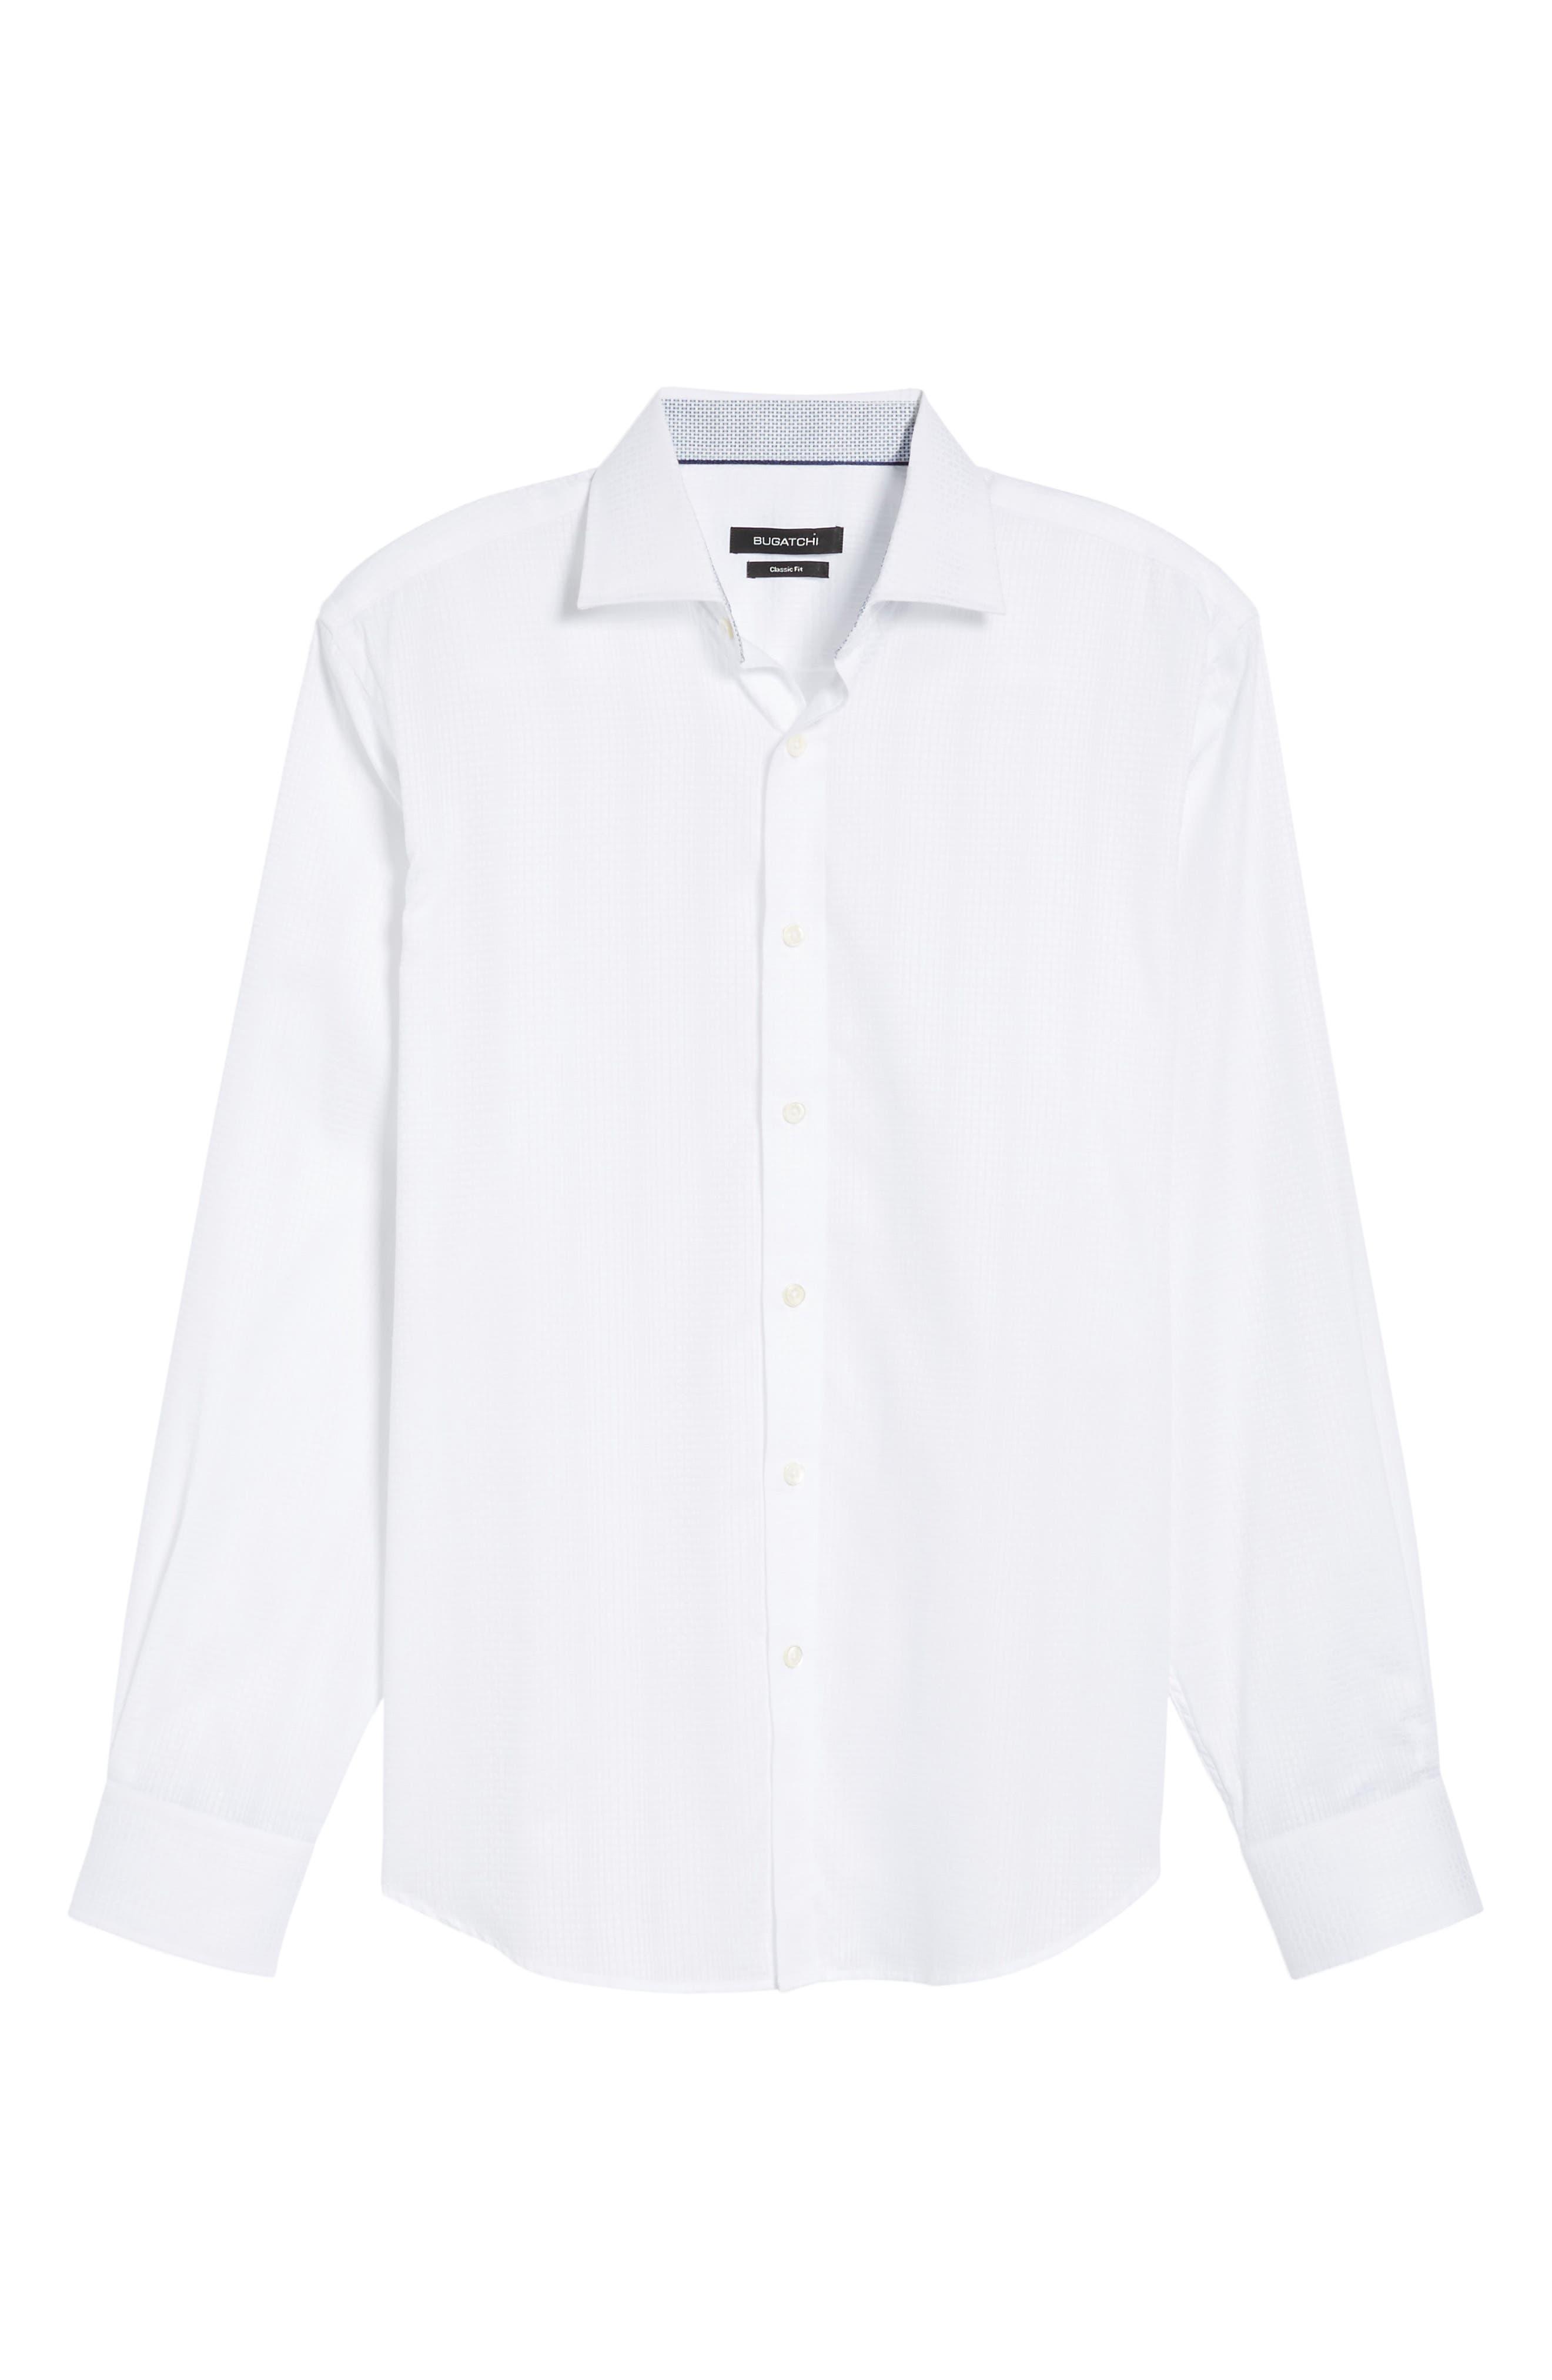 Tonal Diamond Jacquard Classic Fit Sport Shirt,                             Alternate thumbnail 6, color,                             White